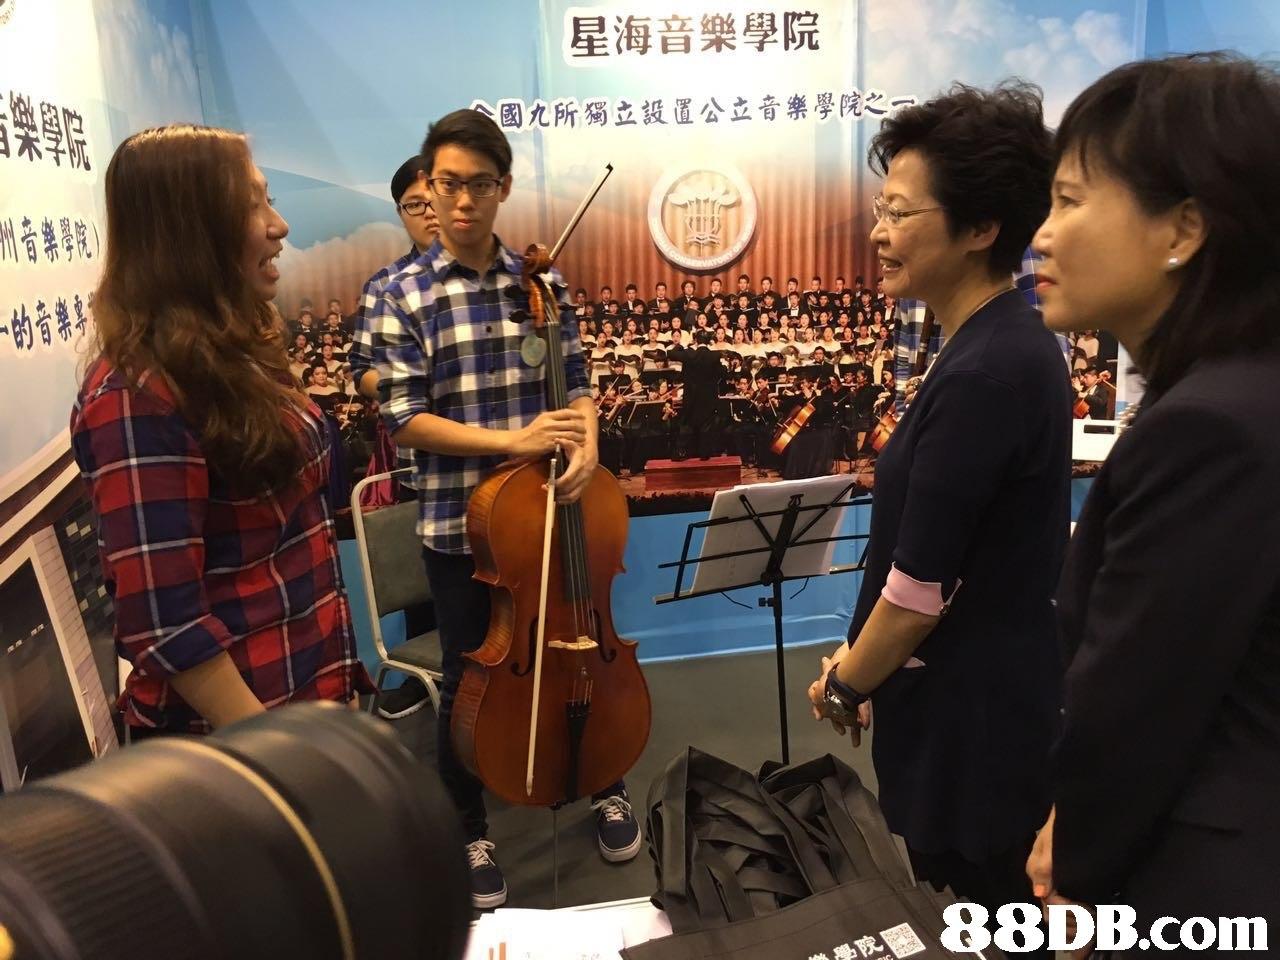 星海音樂學院 國九所獨立設置公立音樂學院之 88DB.com  musical instrument